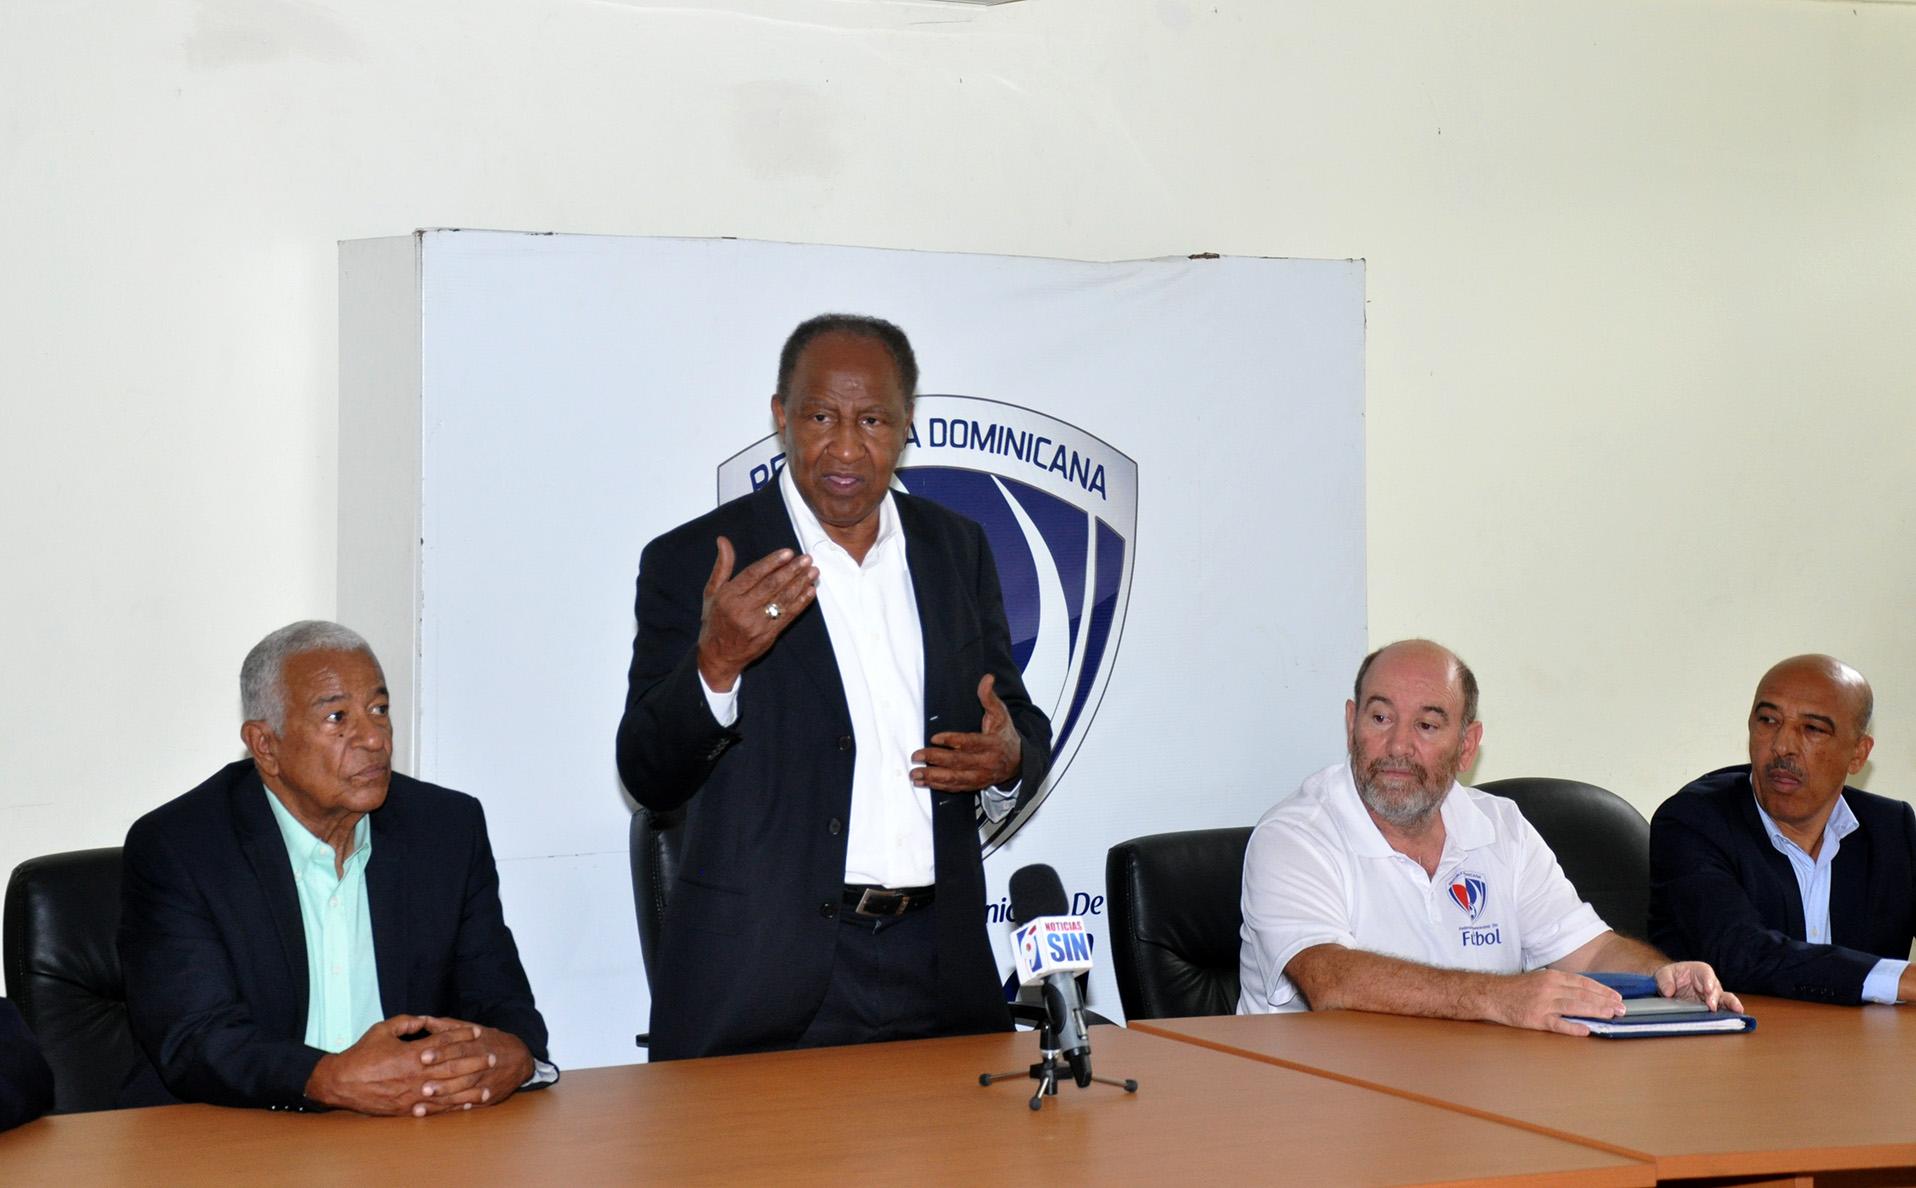 Selección fútbol va a Cuba a jugar un partido de Copa Máximo Gómez